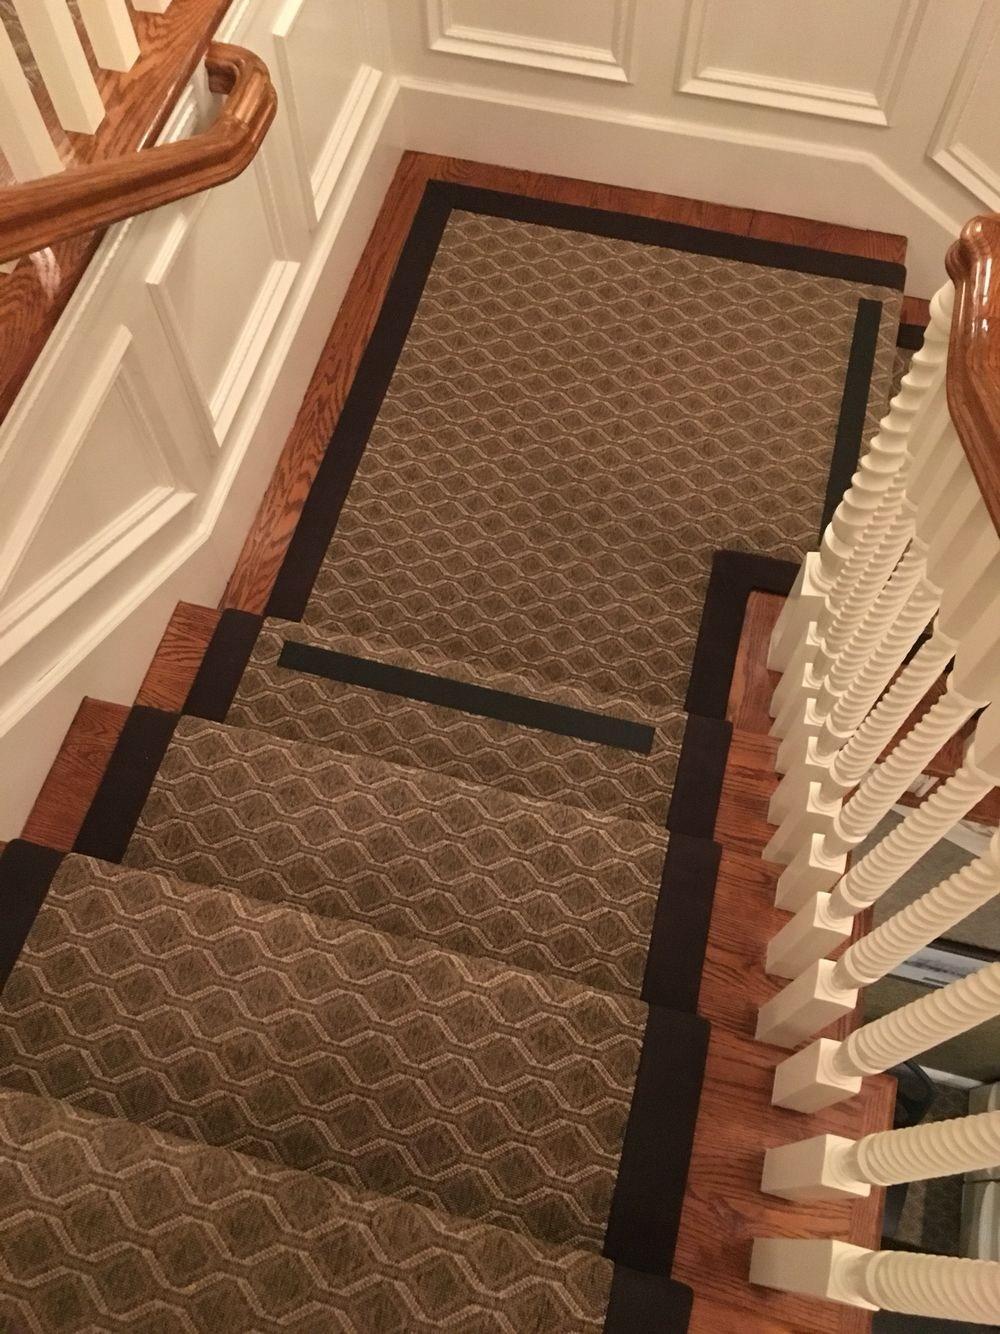 Stanton Indoor Outdoor Carpet Fabricated Into A Stair | Indoor Outdoor Carpet Runners For Stairs